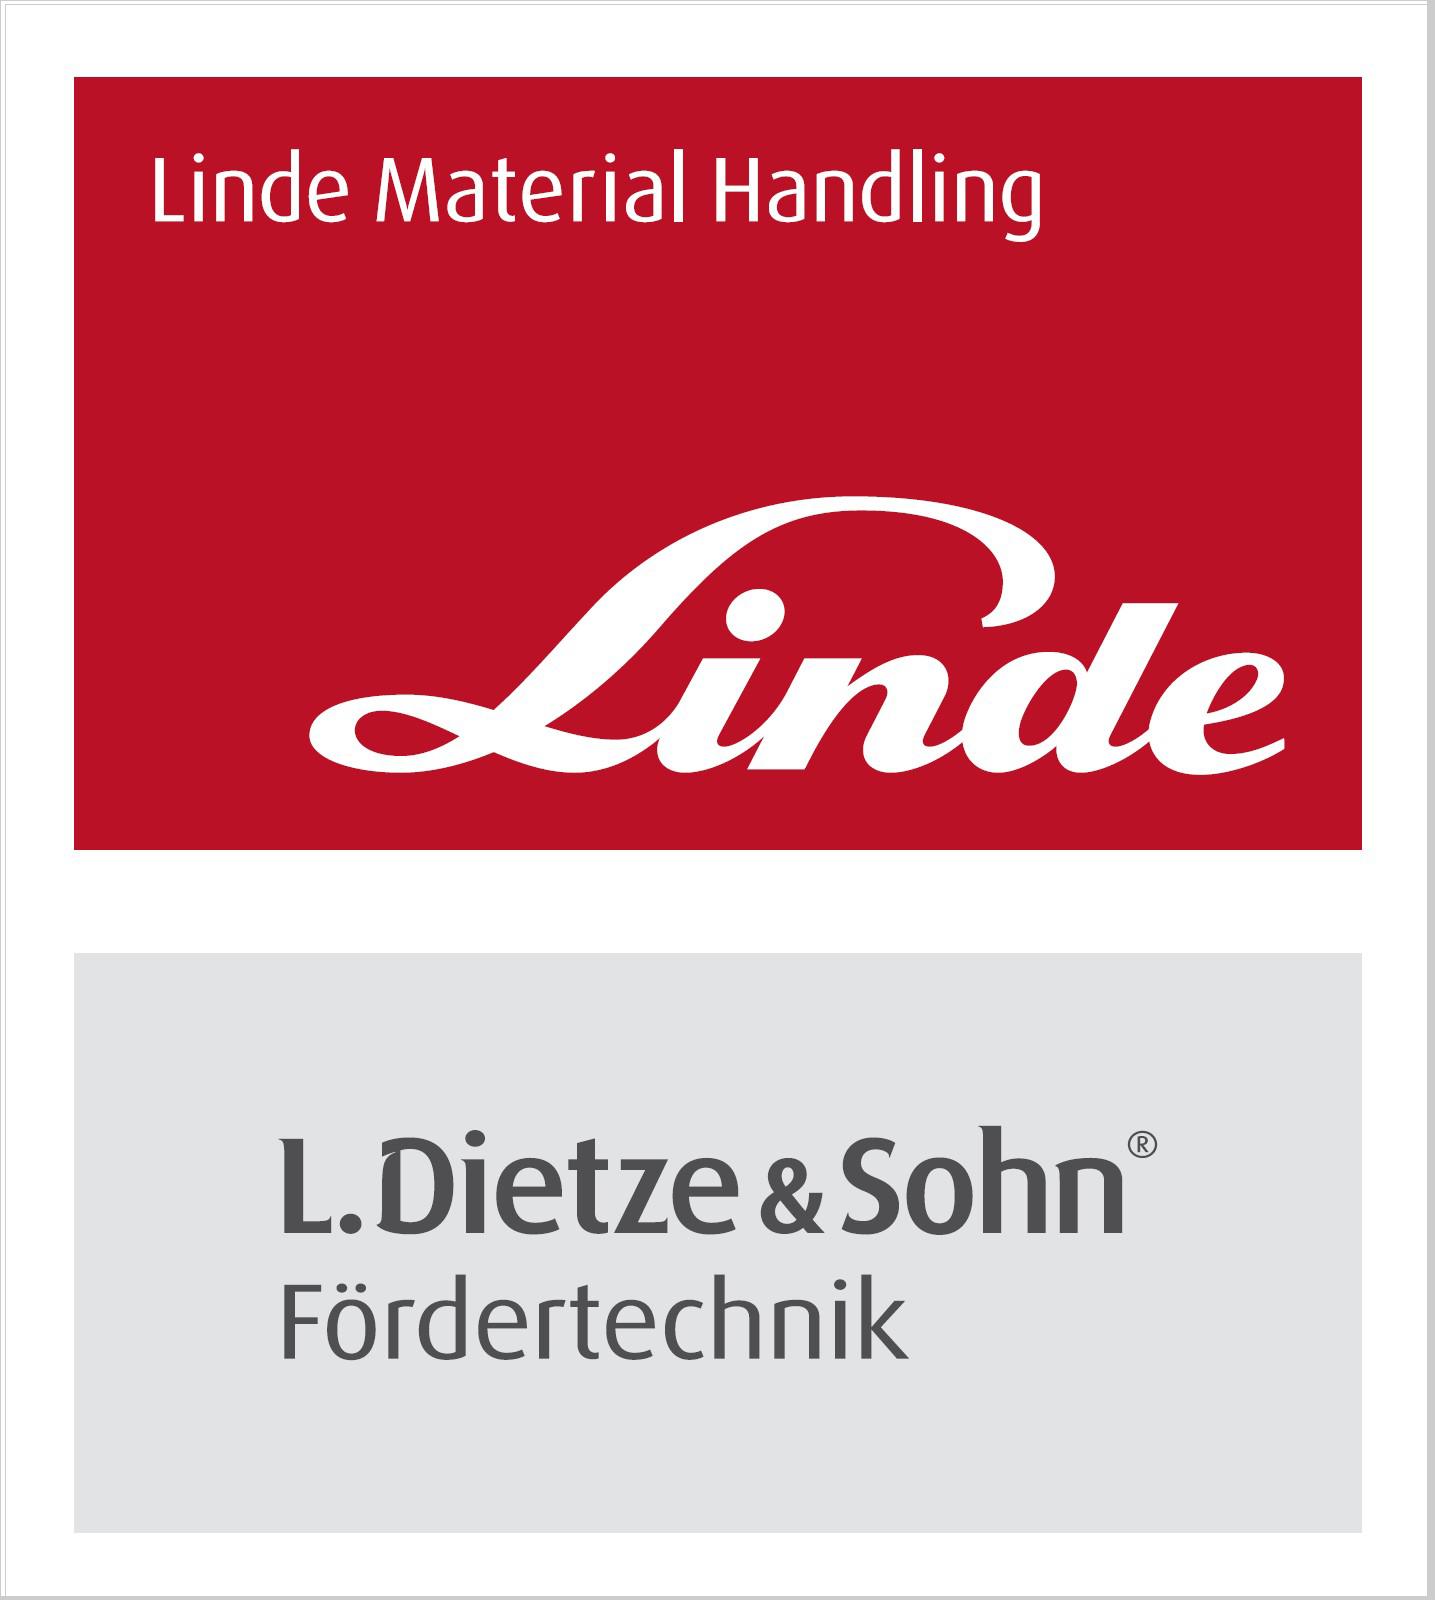 Logo L. Dietze & Sohn Fördertechnik GmbH